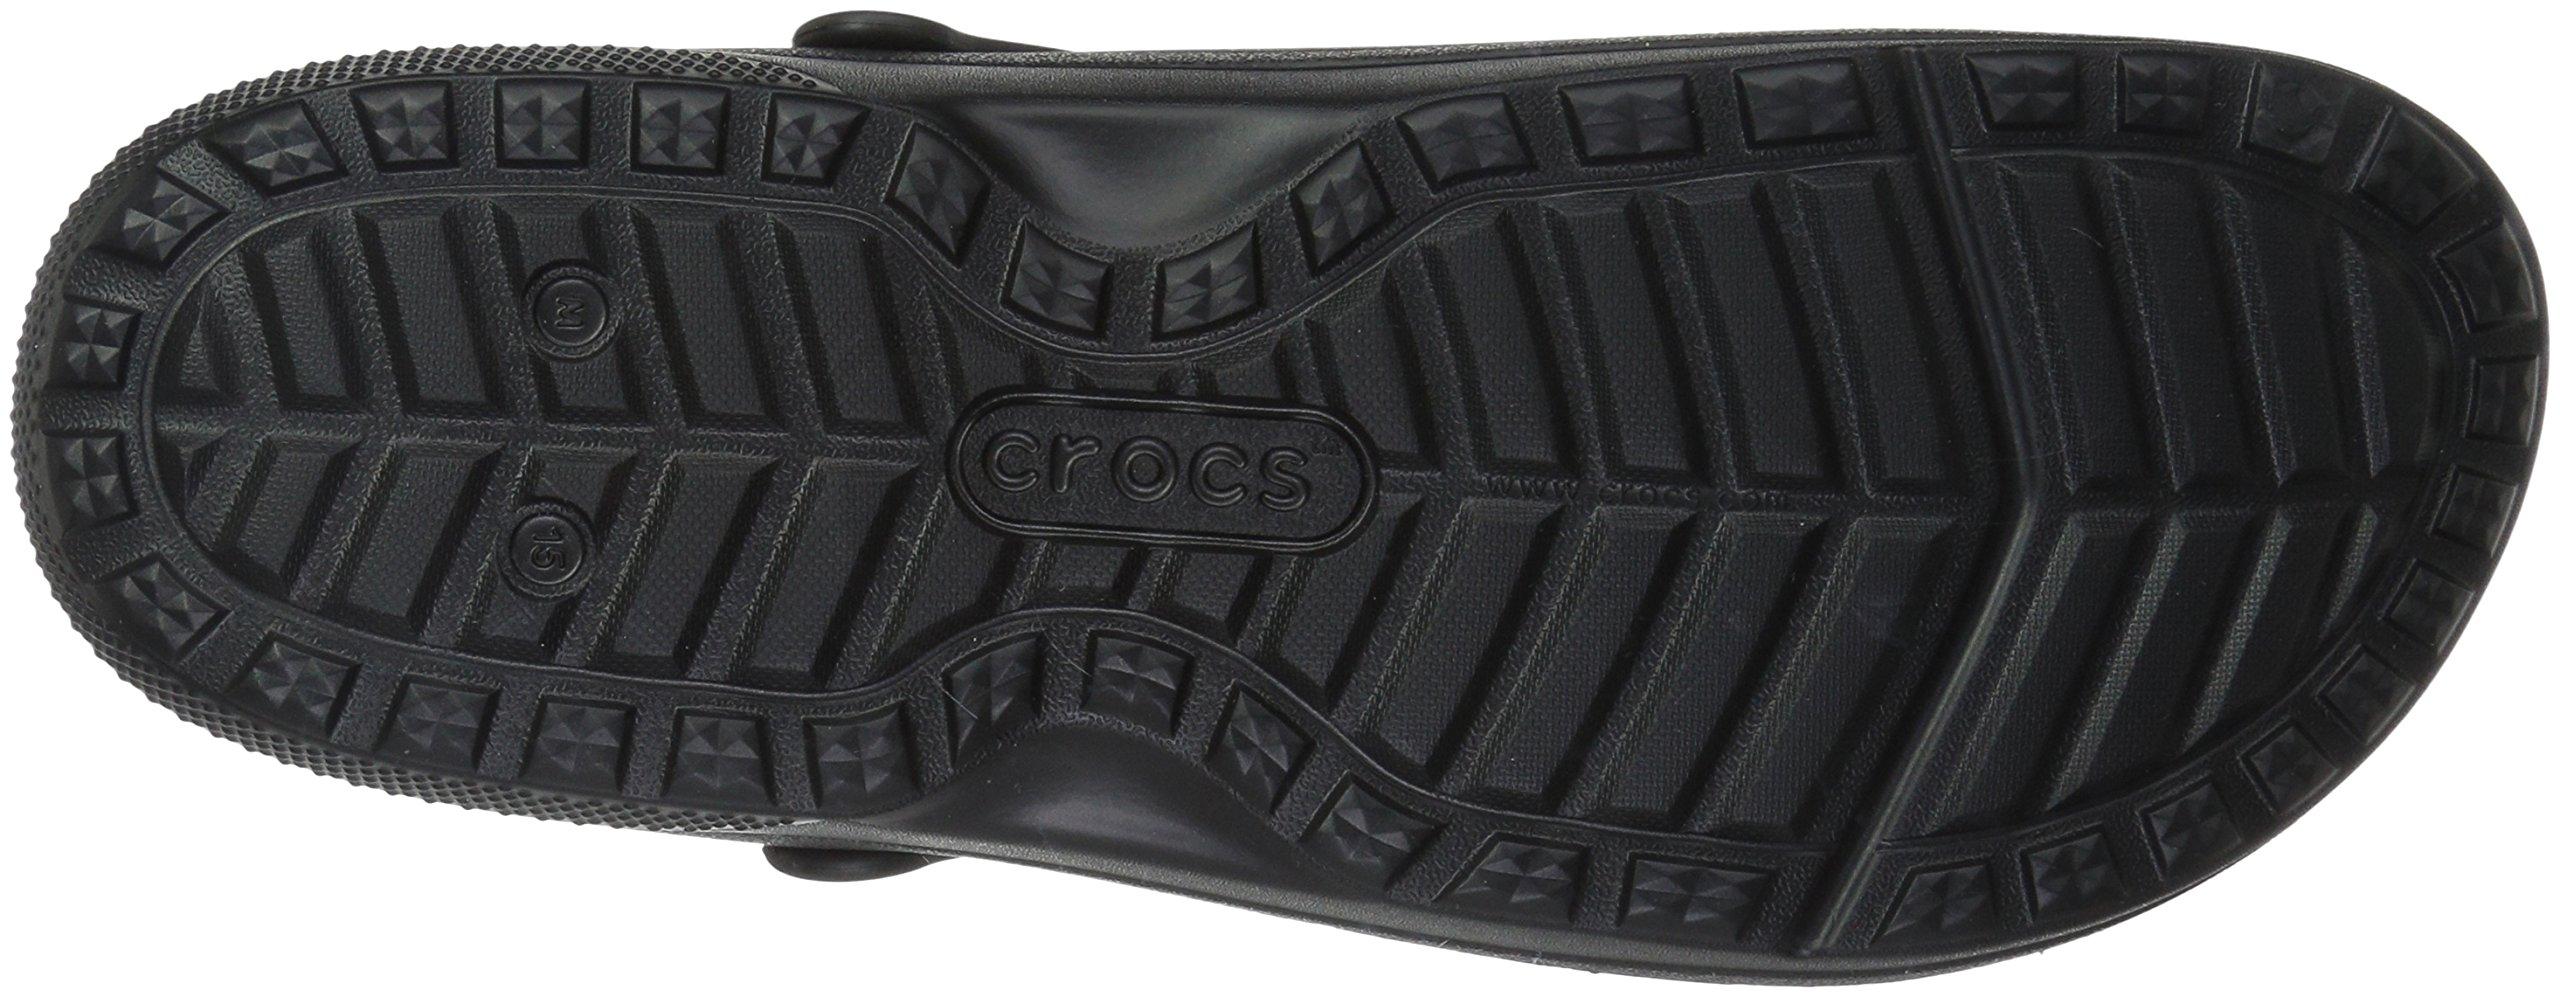 Crocs Men's & Women's Specialist II Work Clog